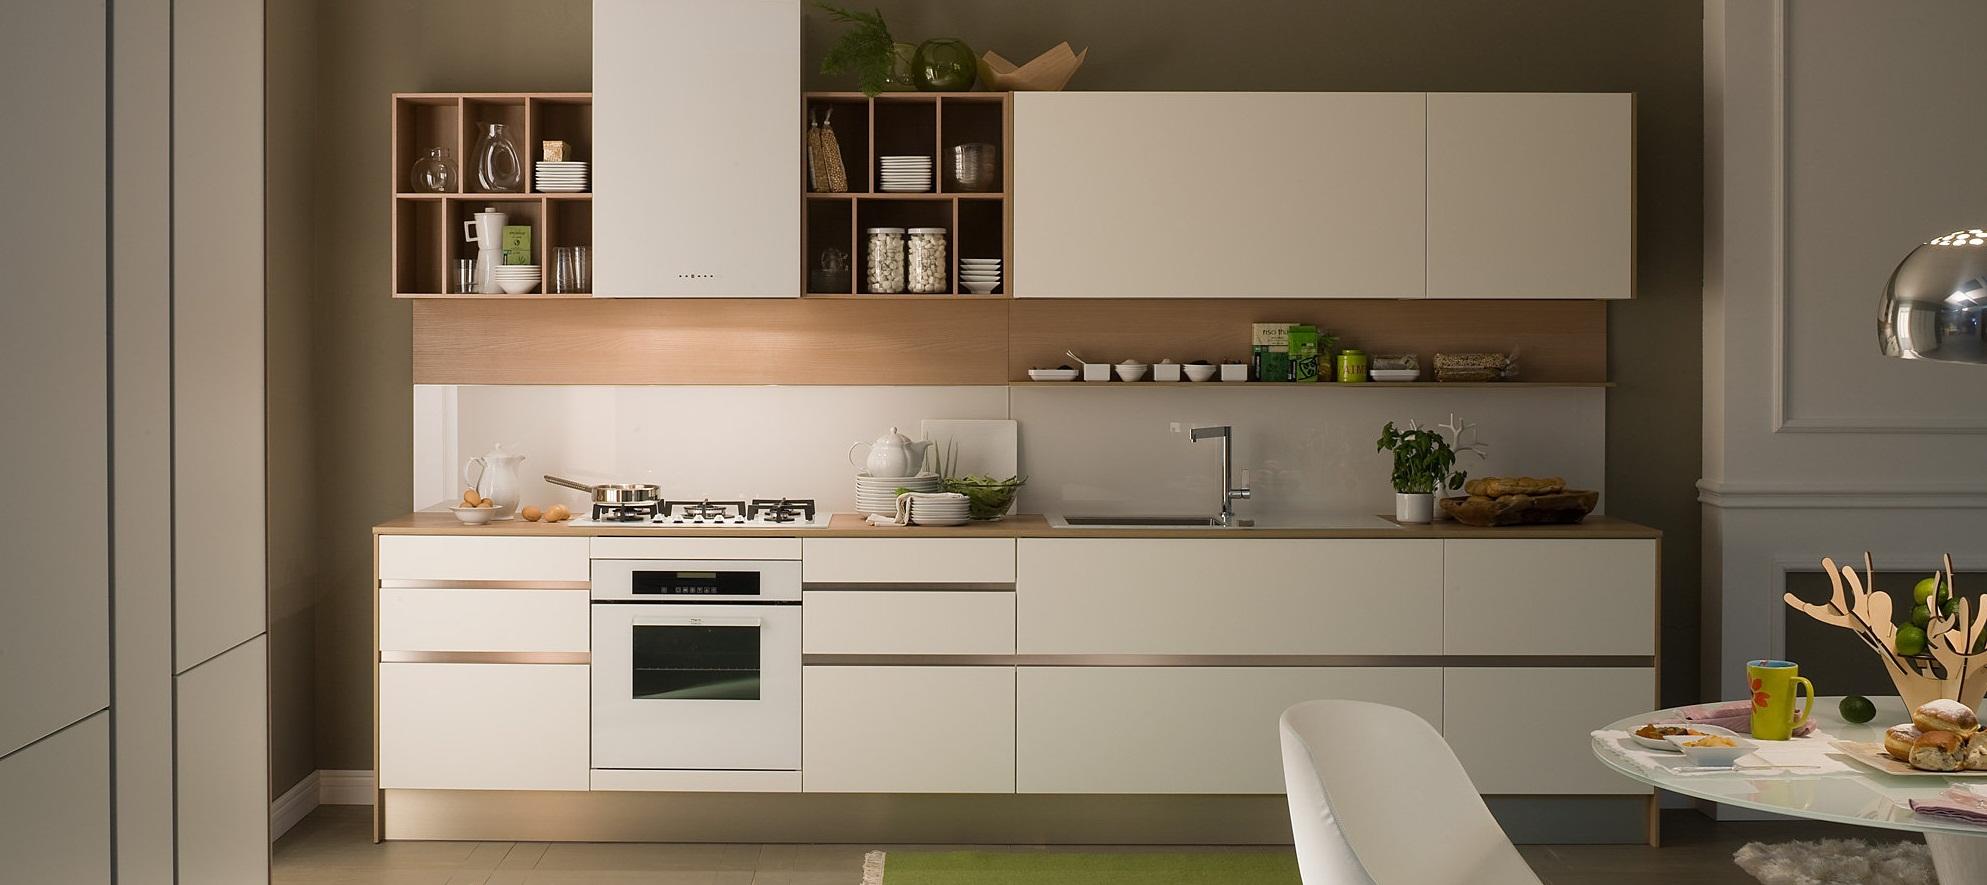 verhnie kuhonnye shkafy 35 - Распространенные ошибки в оформлении кухни